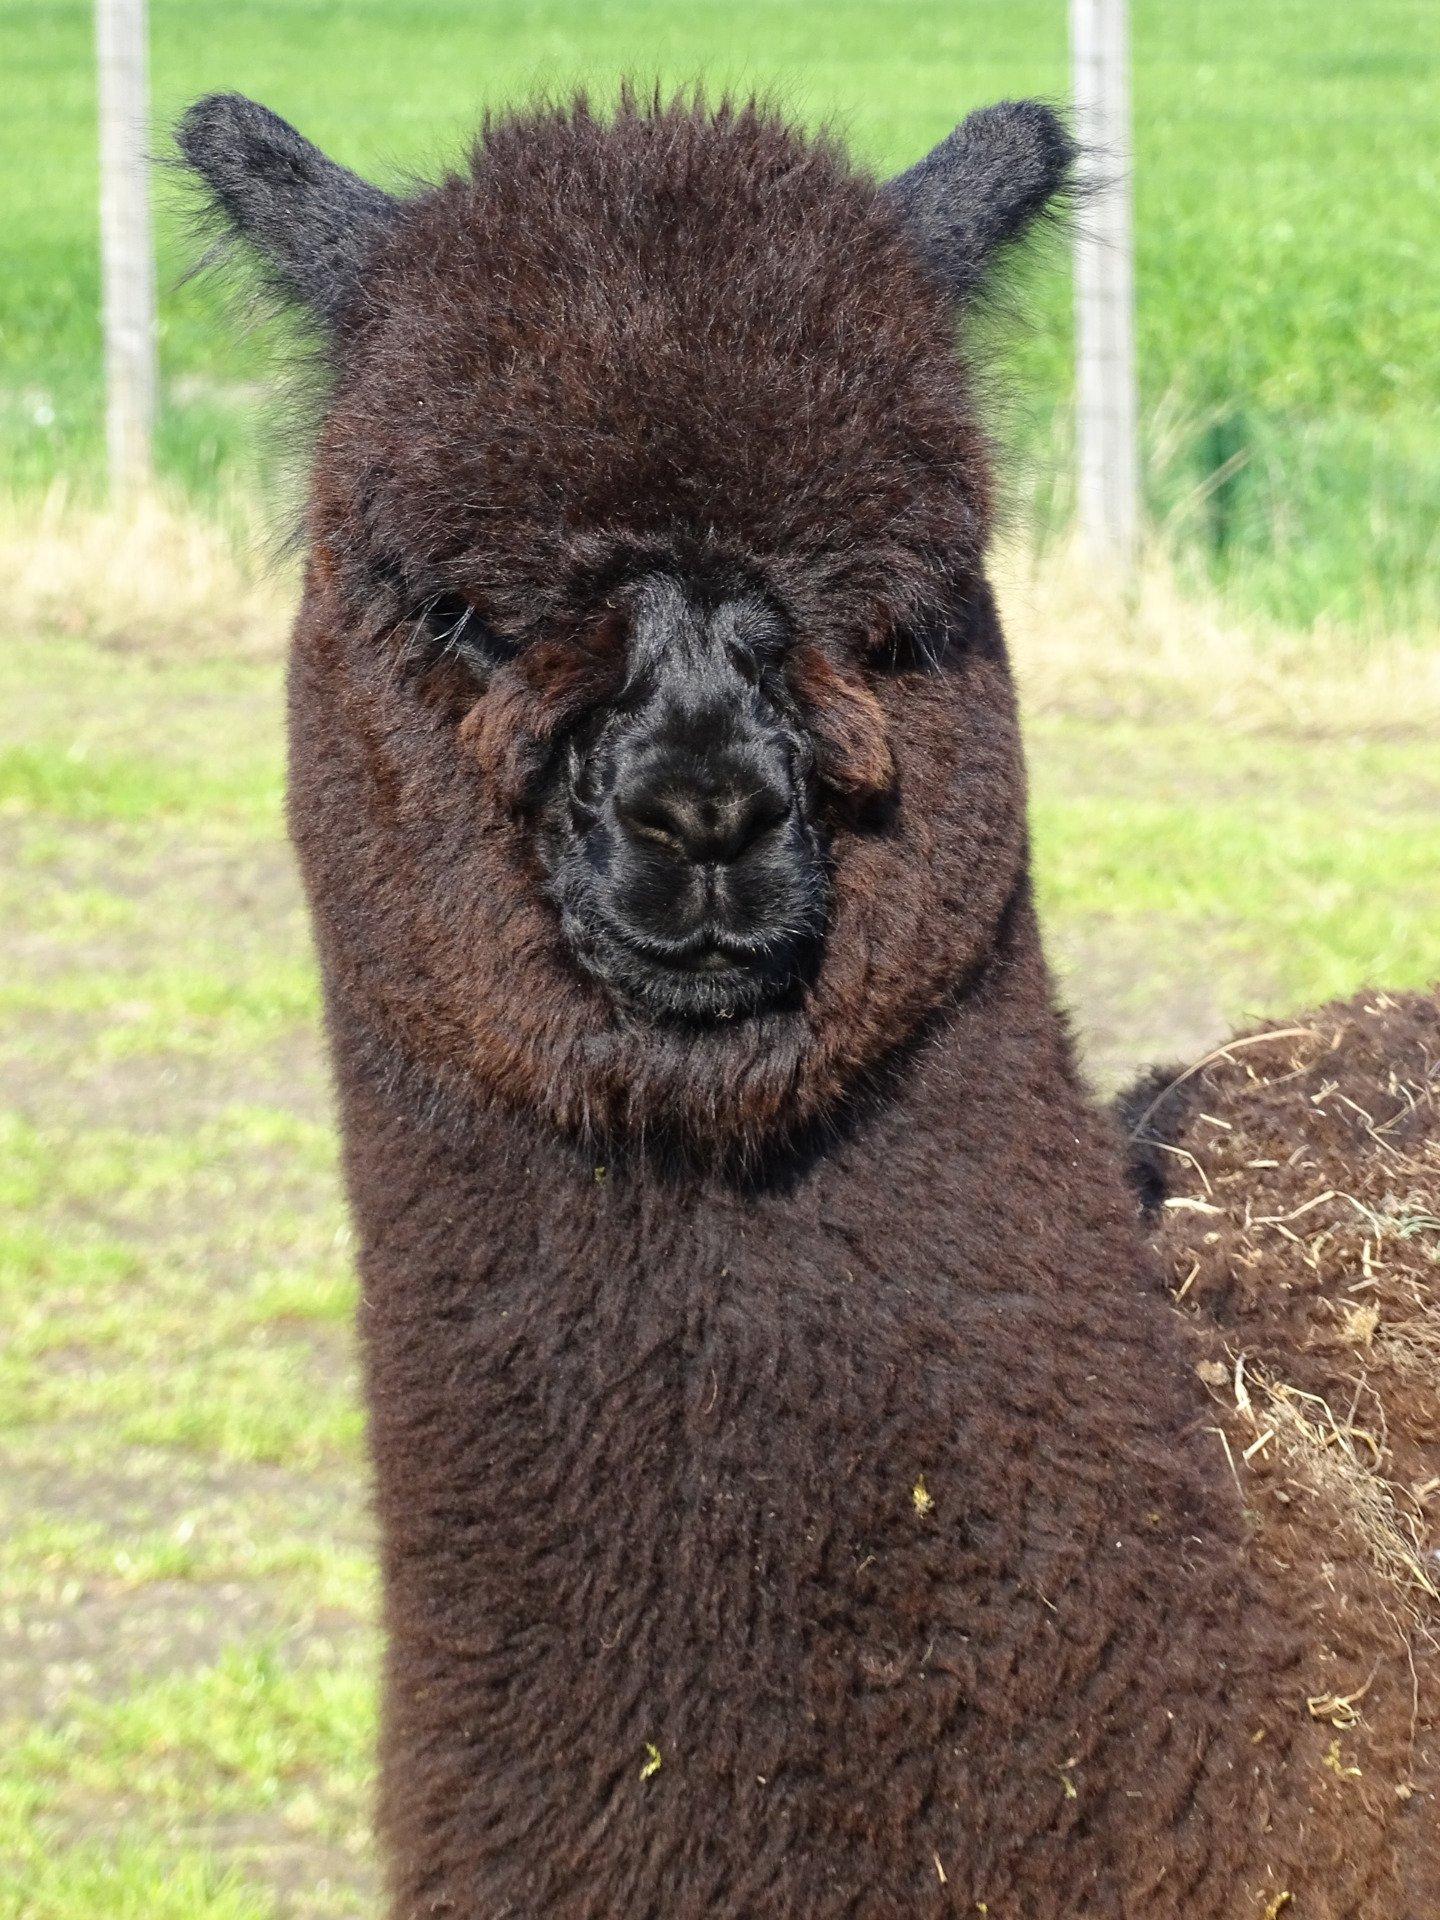 AF Ike — aangeboden door alpacafriends